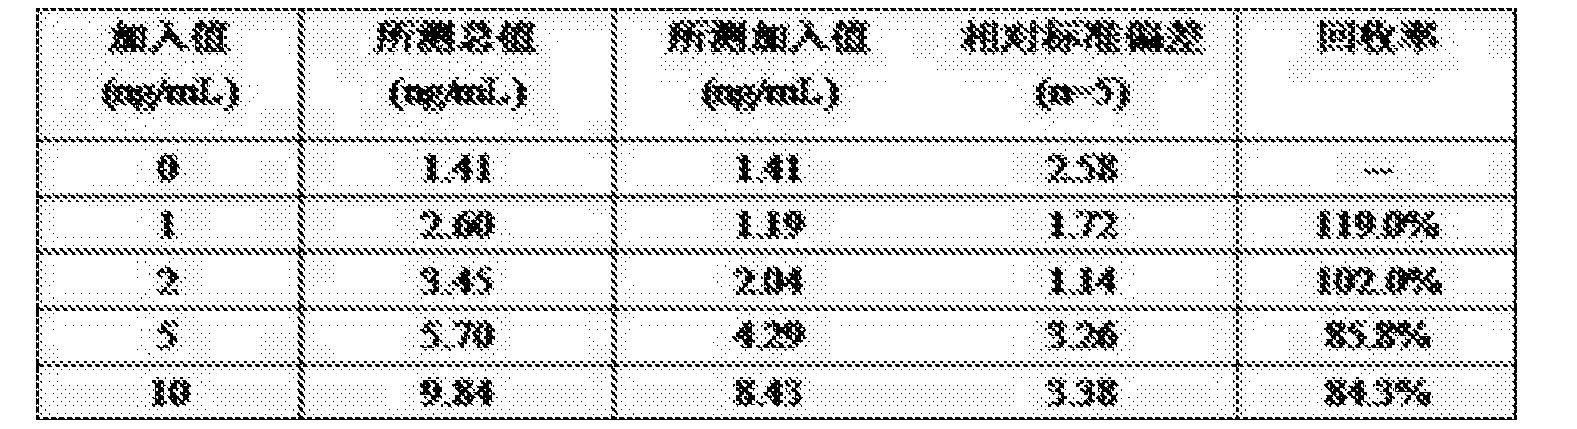 Figure CN106290896BD00071